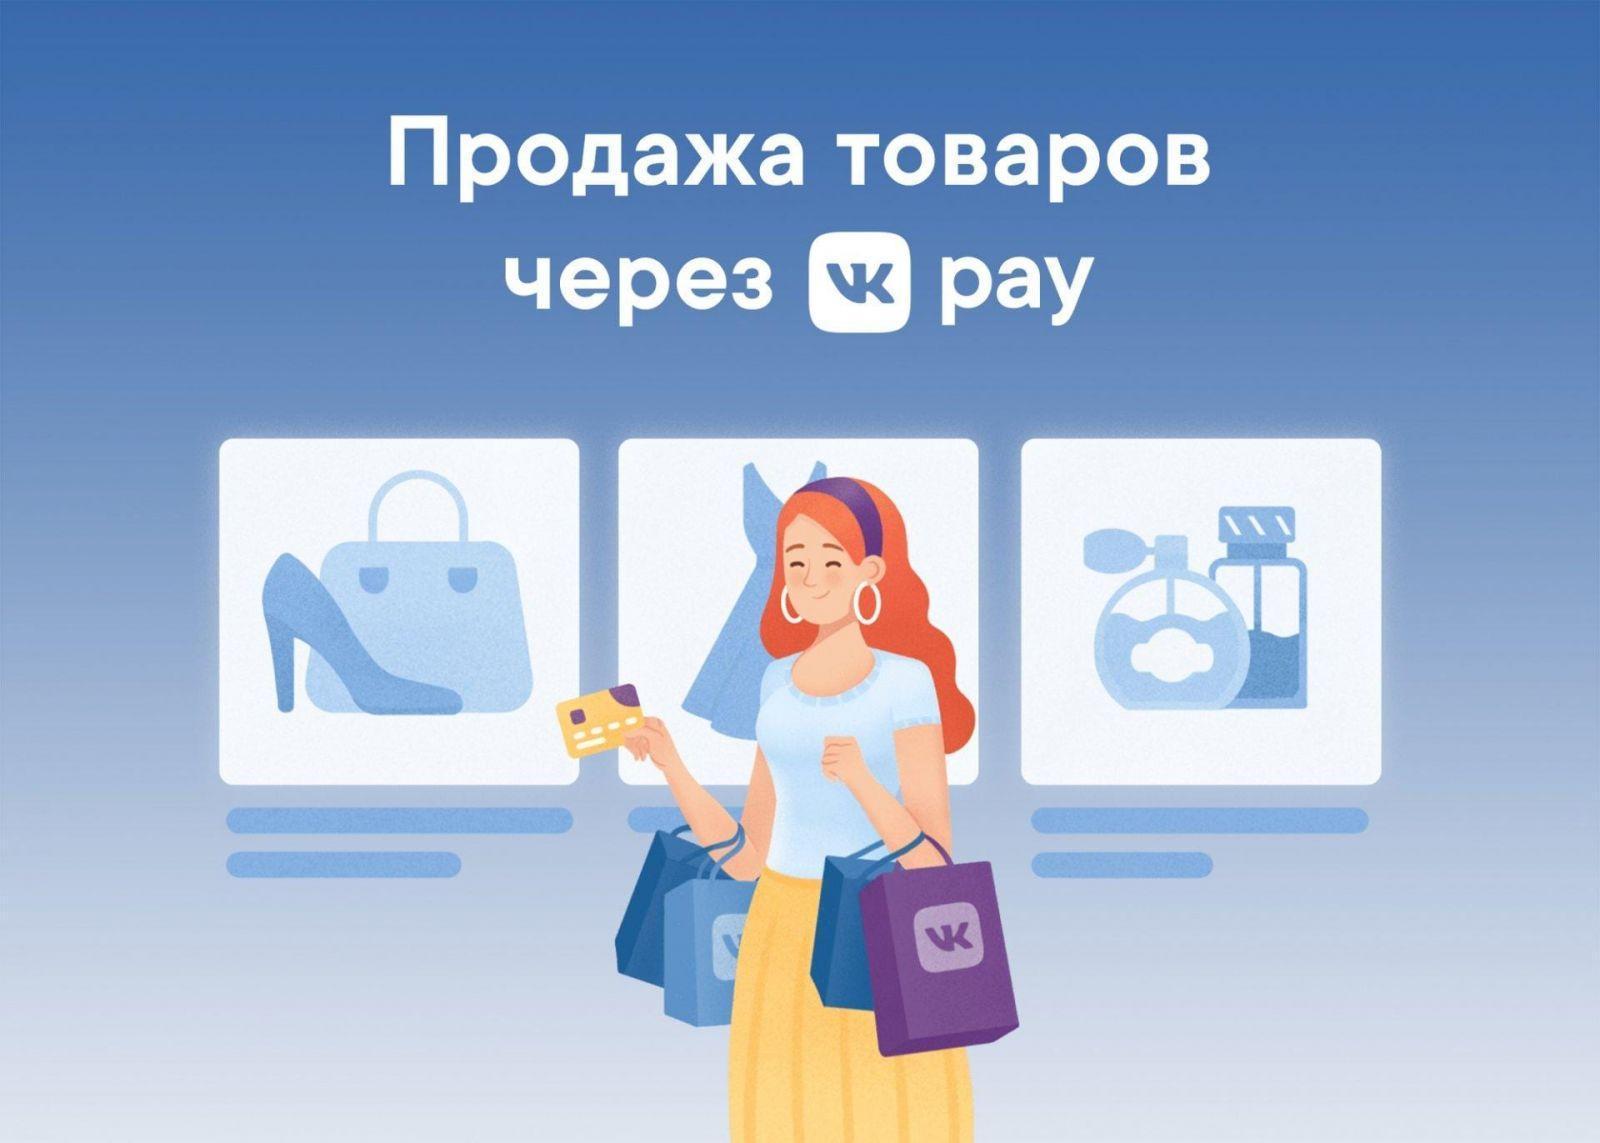 ВКонтакте начала тестирование платформы VK Pay для юридических лиц и ИП (vk pay platform)